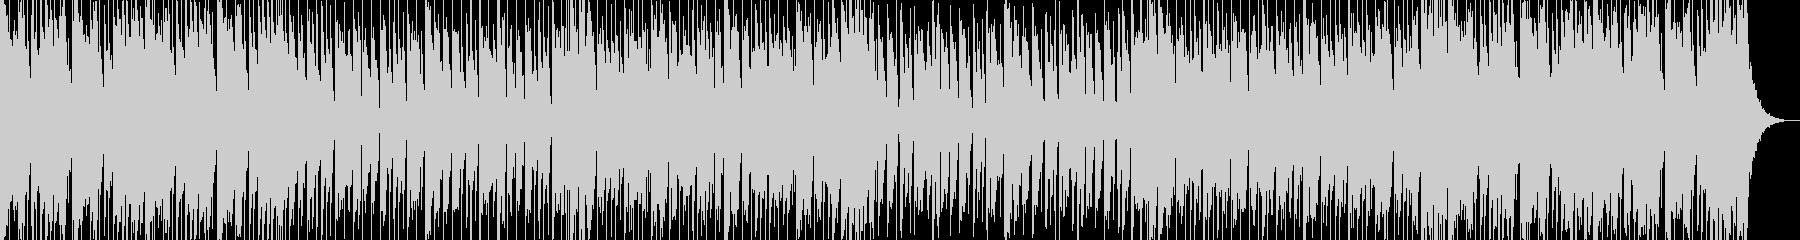 ディスコサウンドなんの未再生の波形